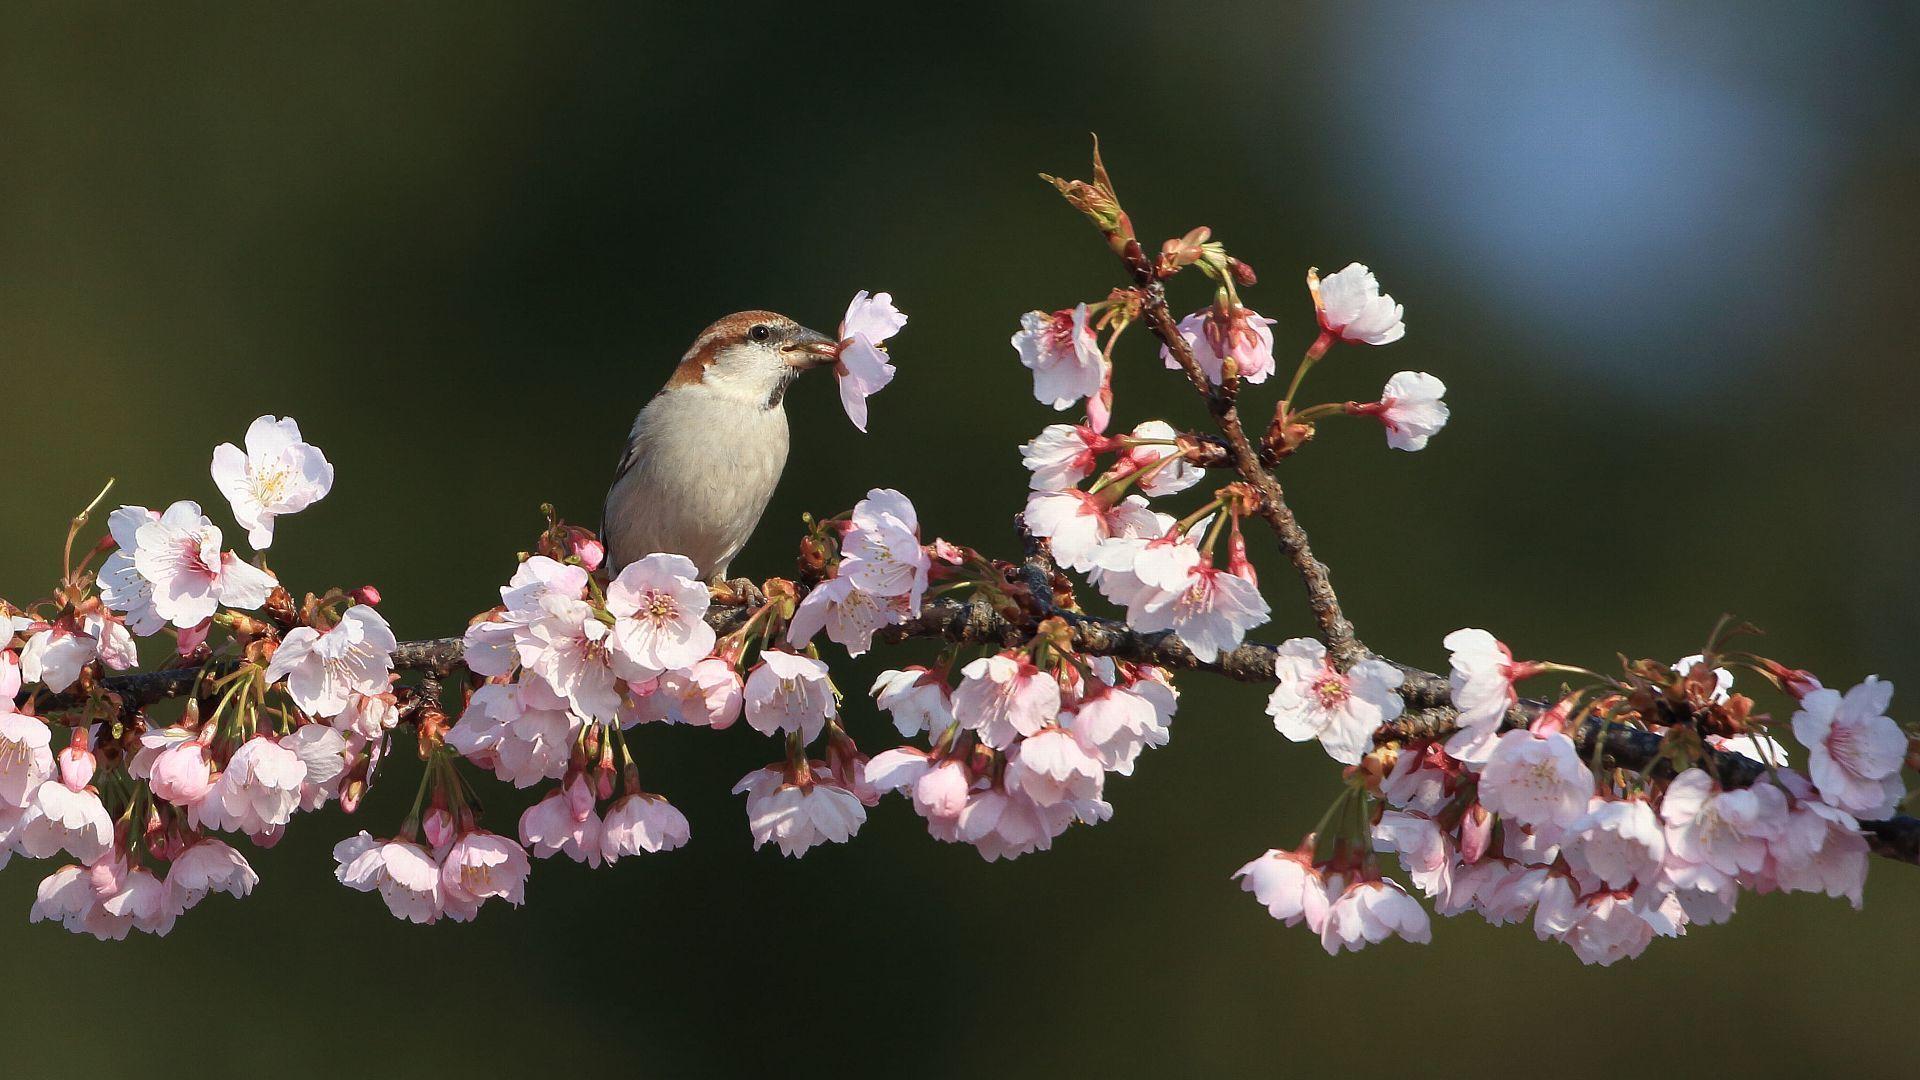 今年はどうかな?ニュウナイスズメと桜_f0105570_21484964.jpg